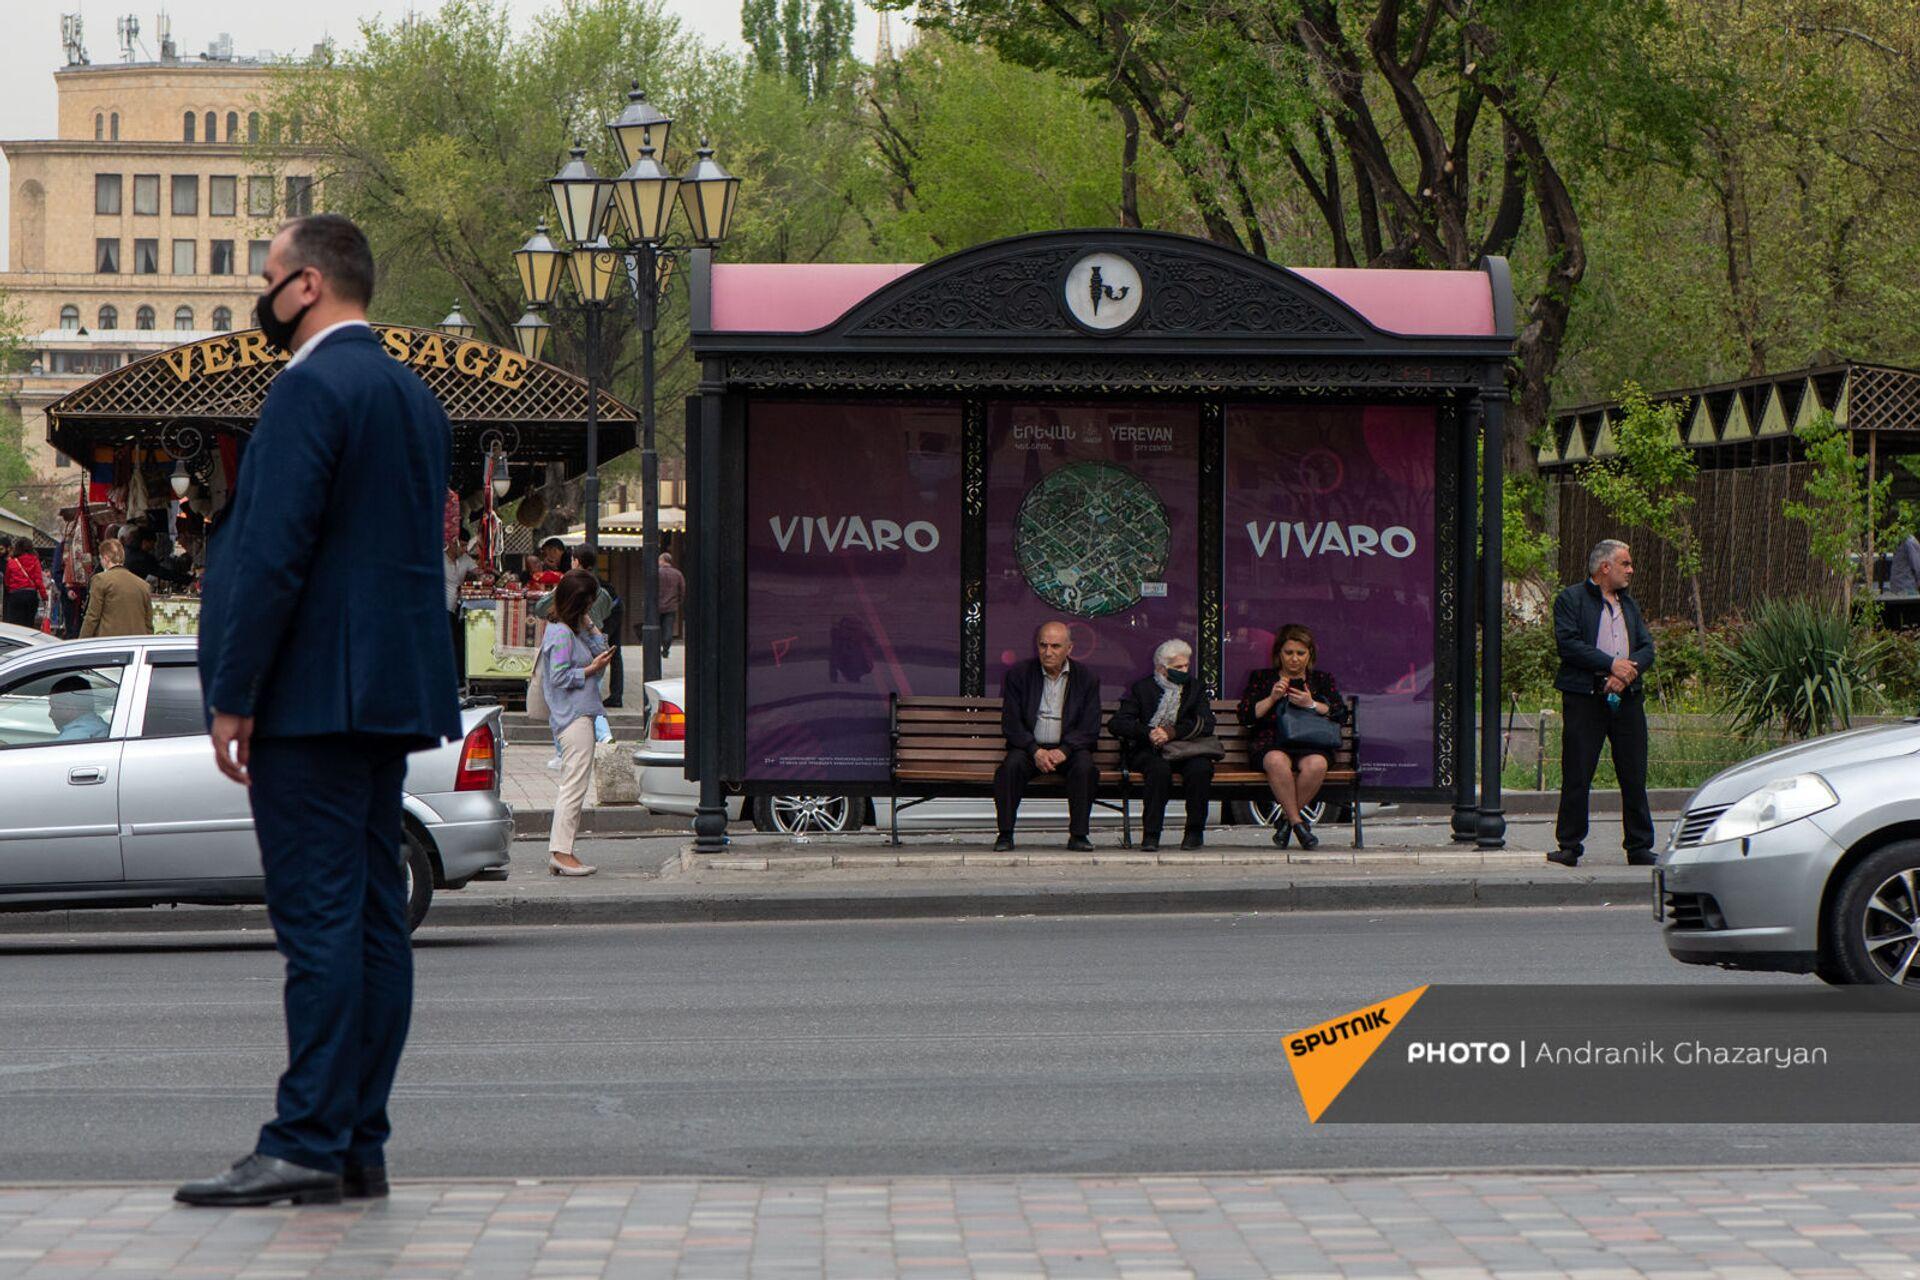 Союз нового и старого, или Как армянская компания пытается сохранить ретро-облик Еревана - Sputnik Армения, 1920, 27.04.2021